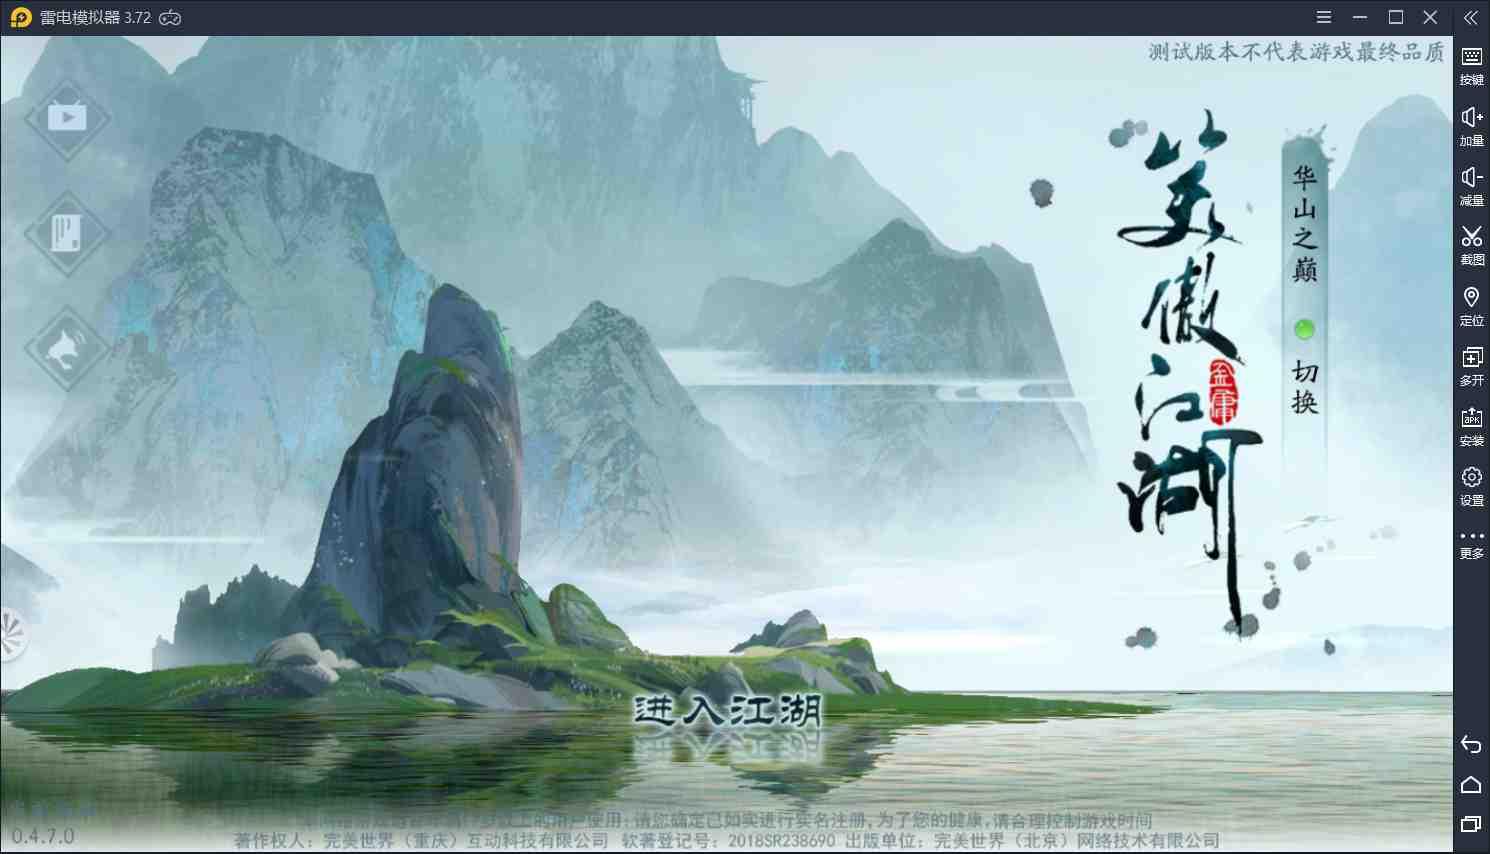 【Rai酱一周新游】《犬夜叉奈落之战》上线 《新笑傲江湖》呈现国风美学